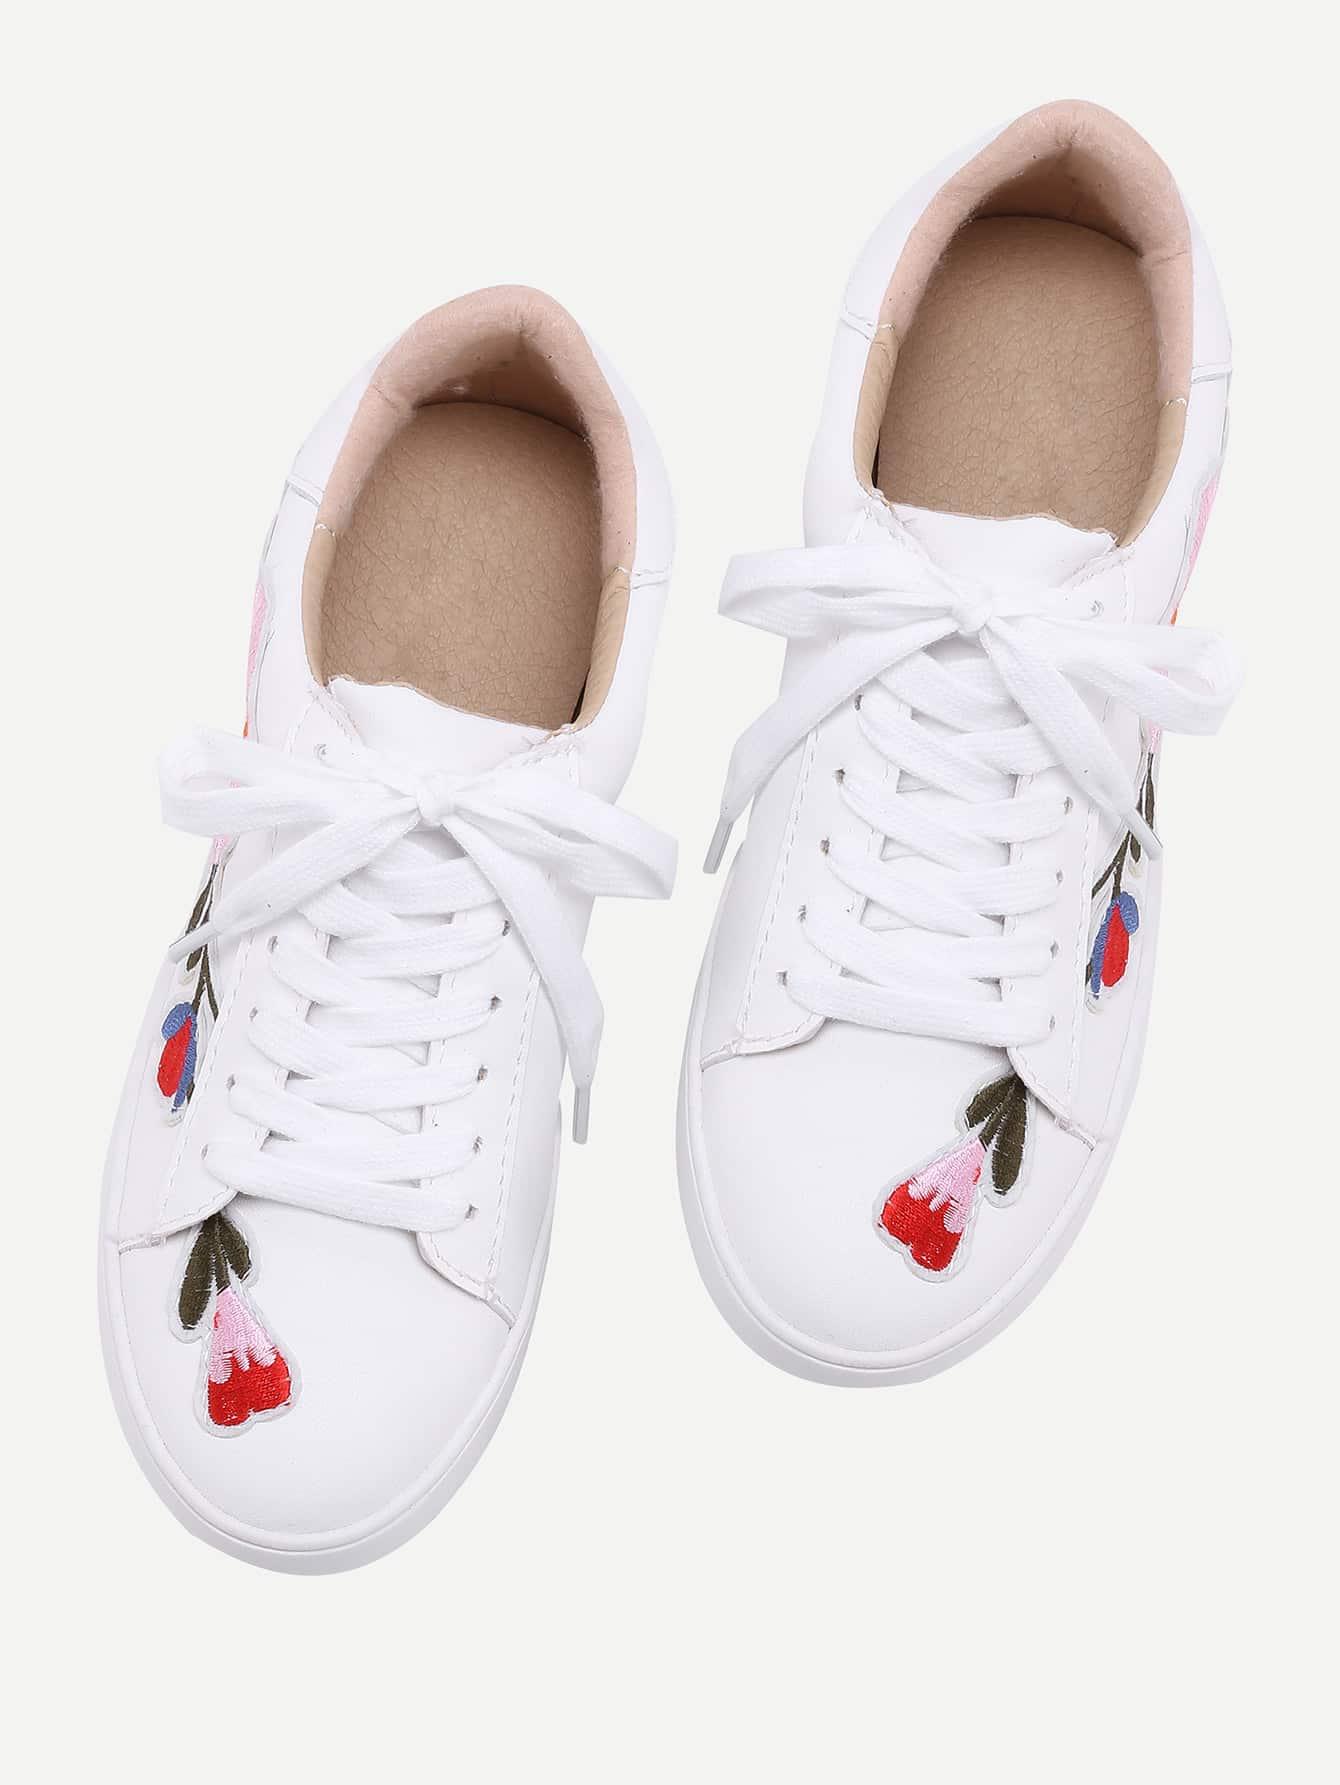 shoes170509812_2